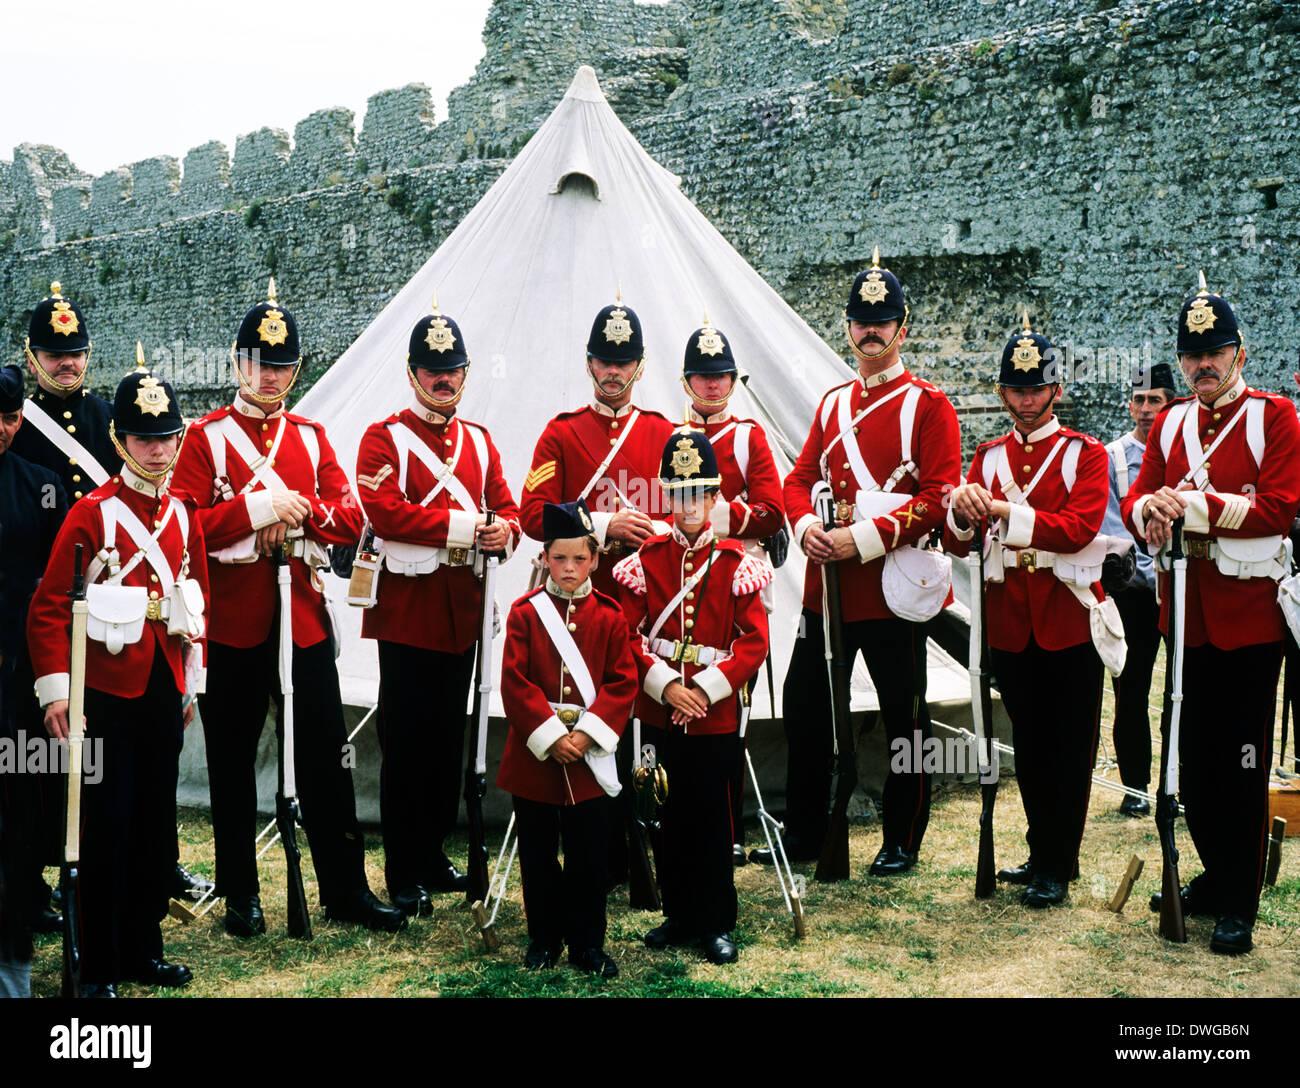 57Th Middlesex Regiment, 1880, soldati britannici, la rievocazione storica del XIX secolo di storia, England Regno Unito Immagini Stock